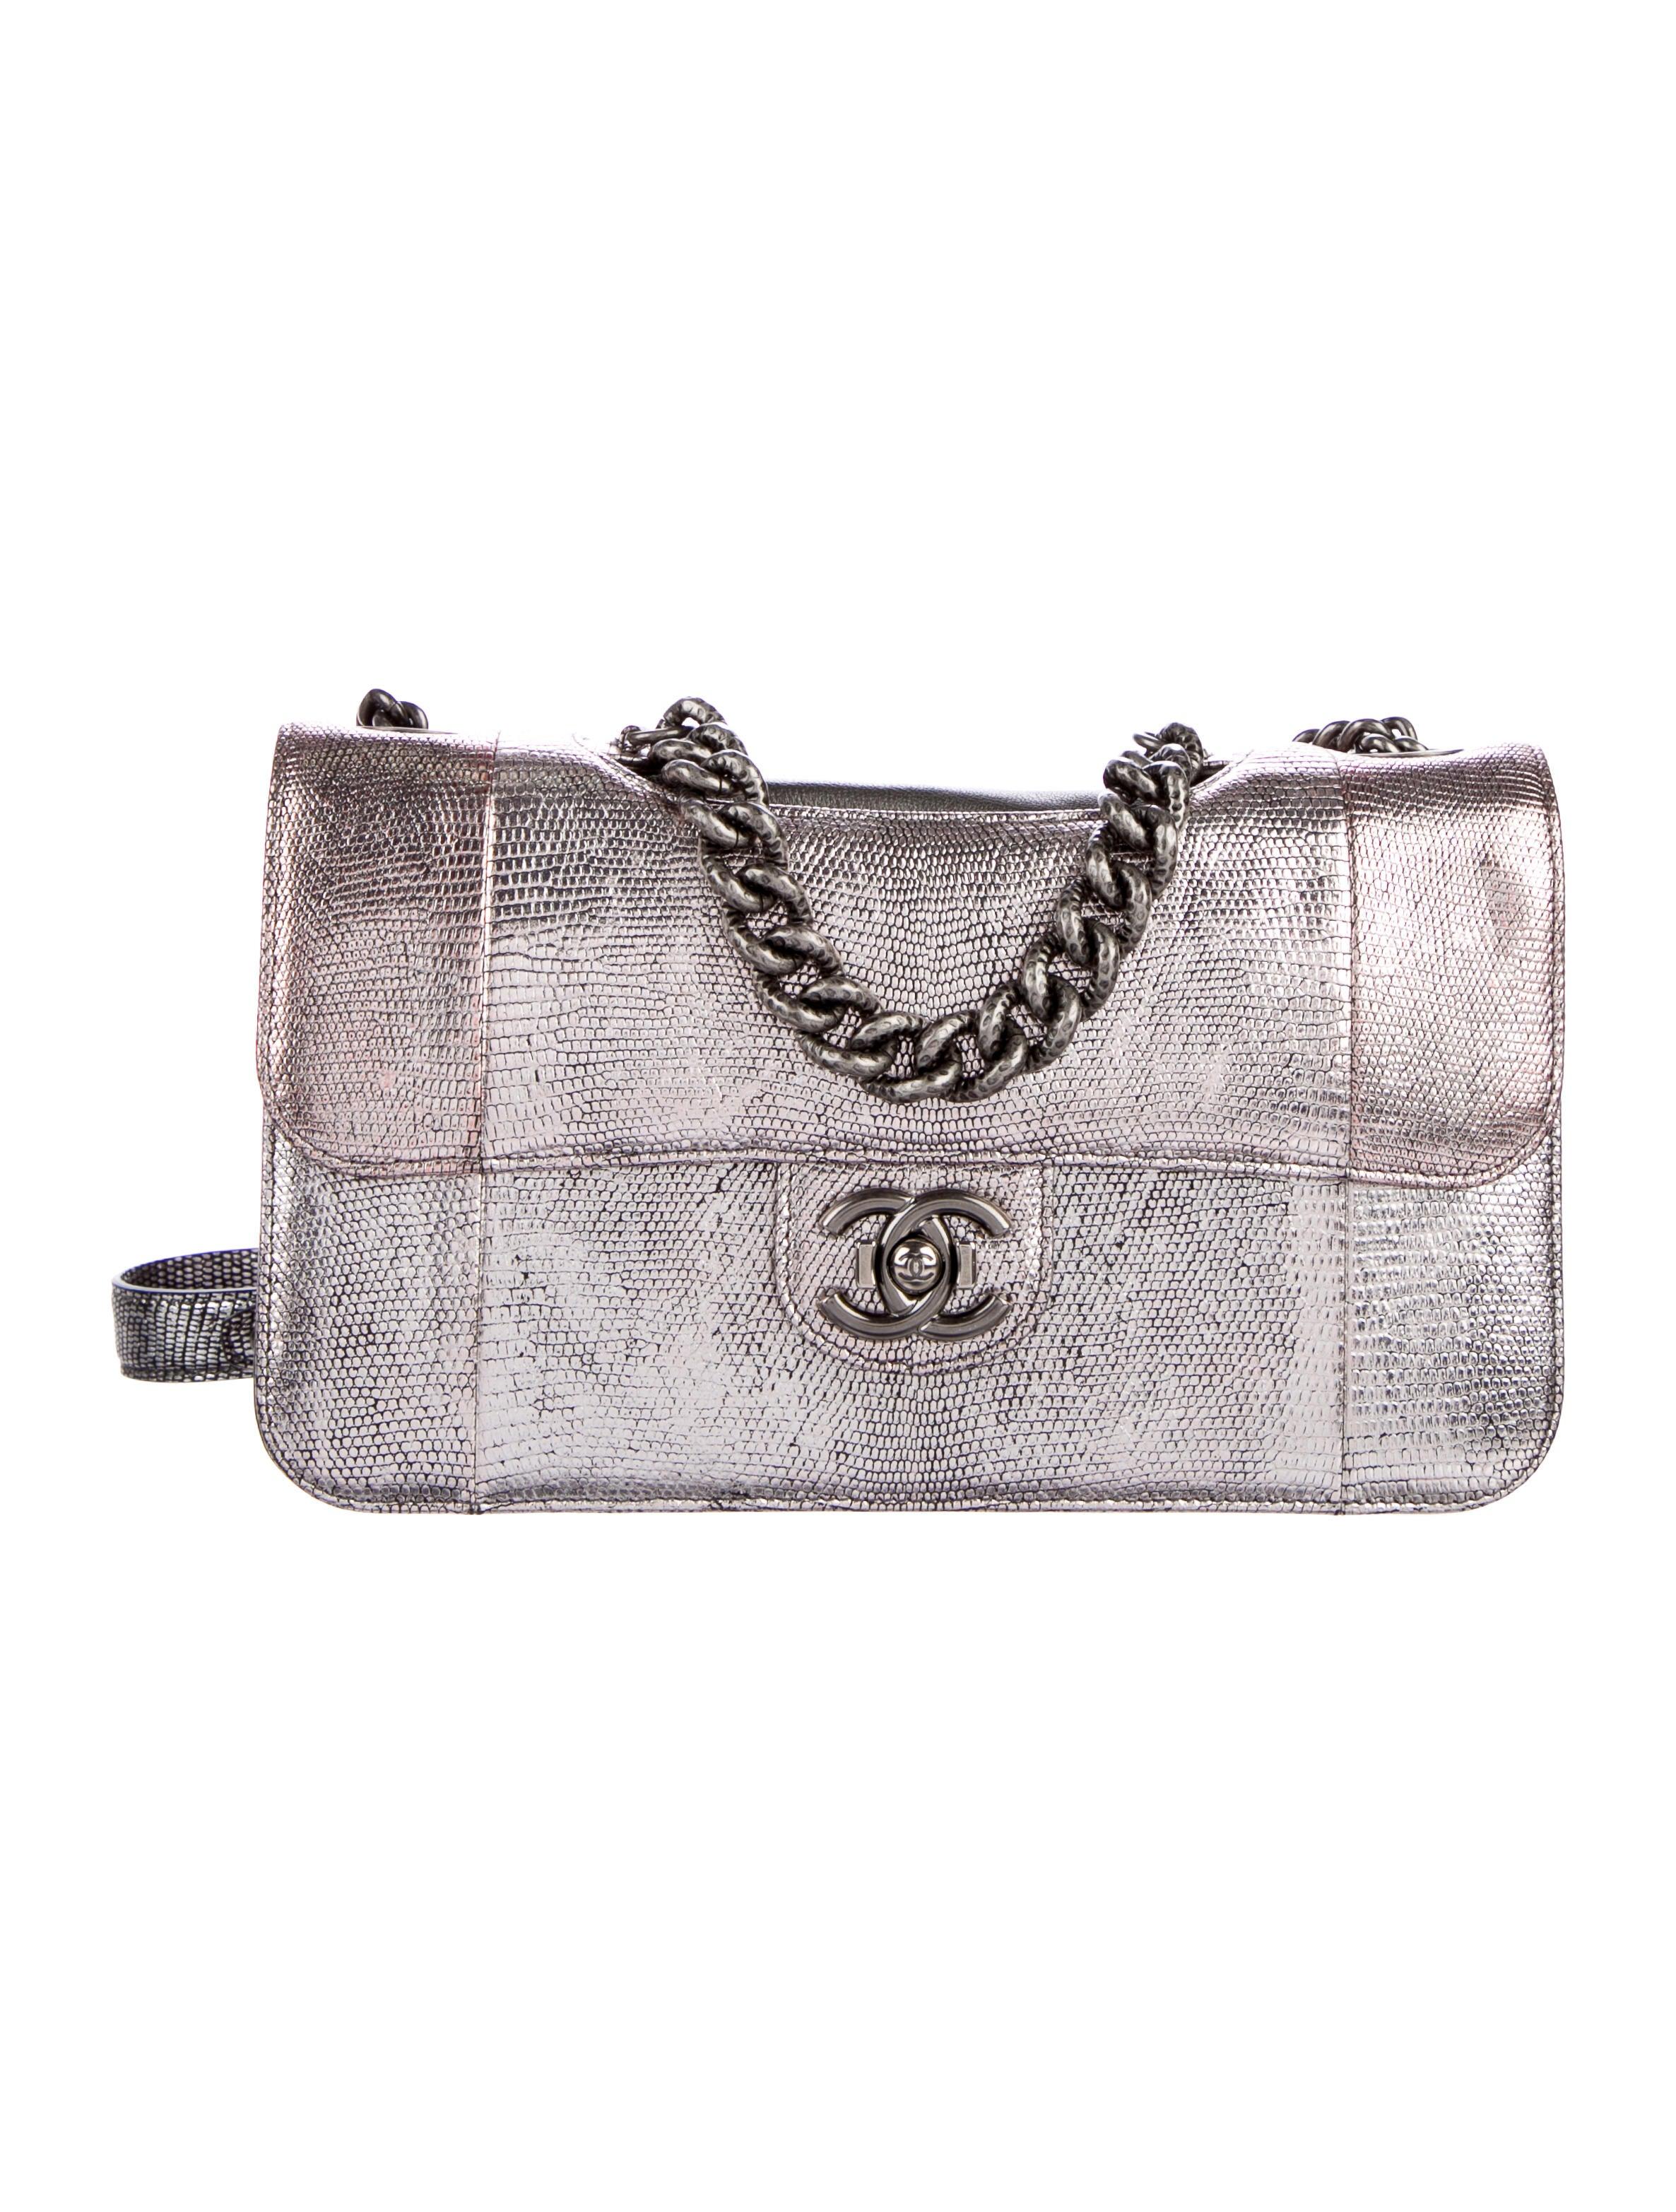 ef7a76dec7c2 Chanel Lizard Perfect Edge Flap Bag - Handbags - CHA137950